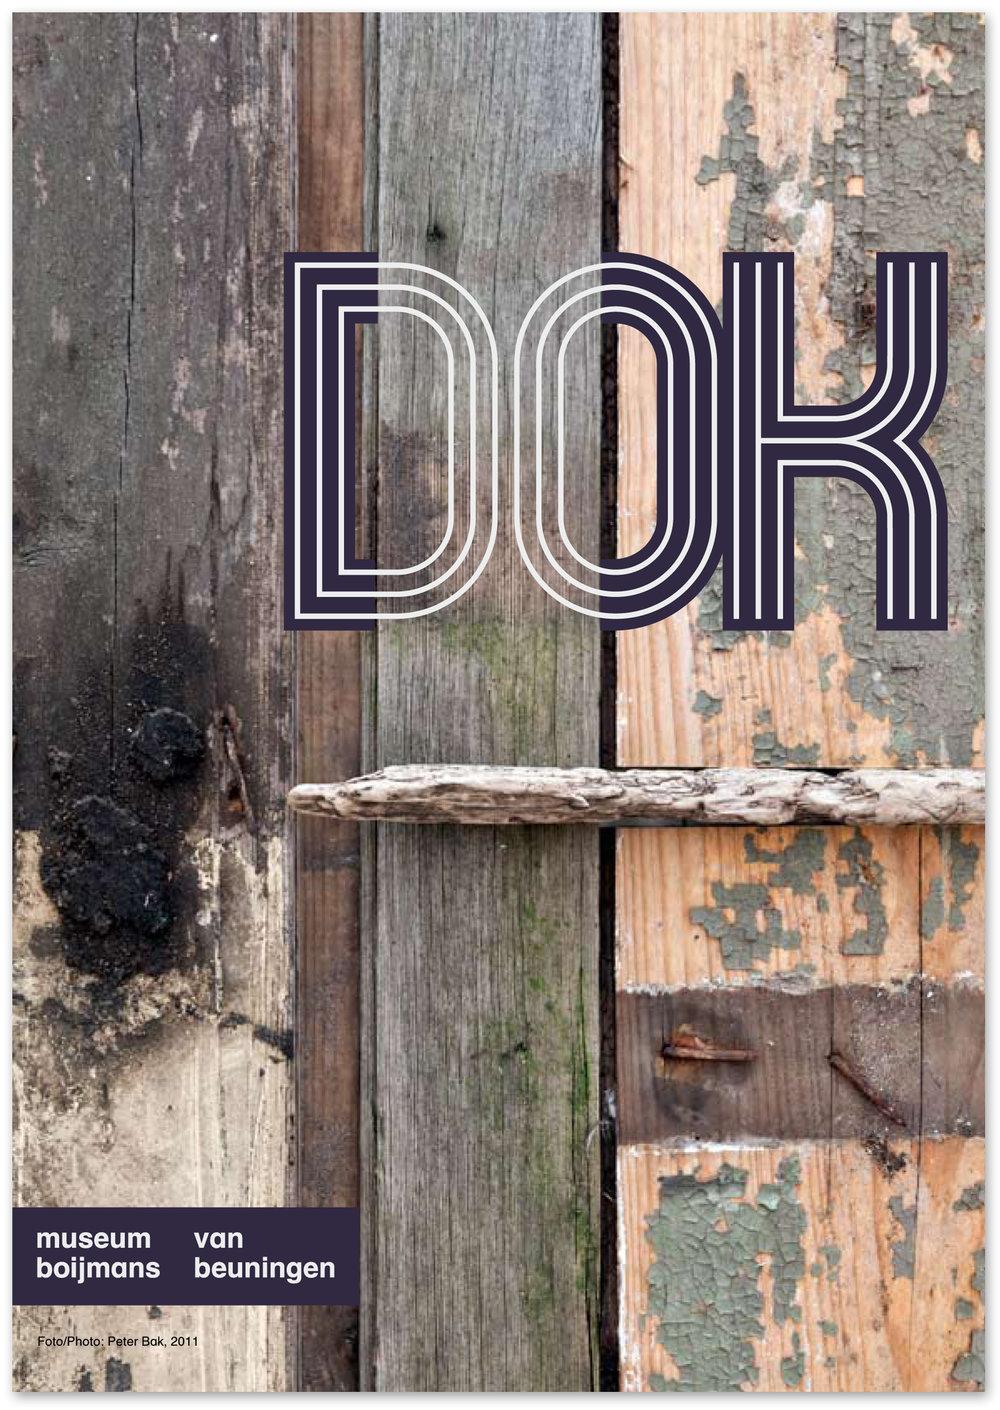 studio_colorado-boijmans_van_beuningen-flyer_dok-1